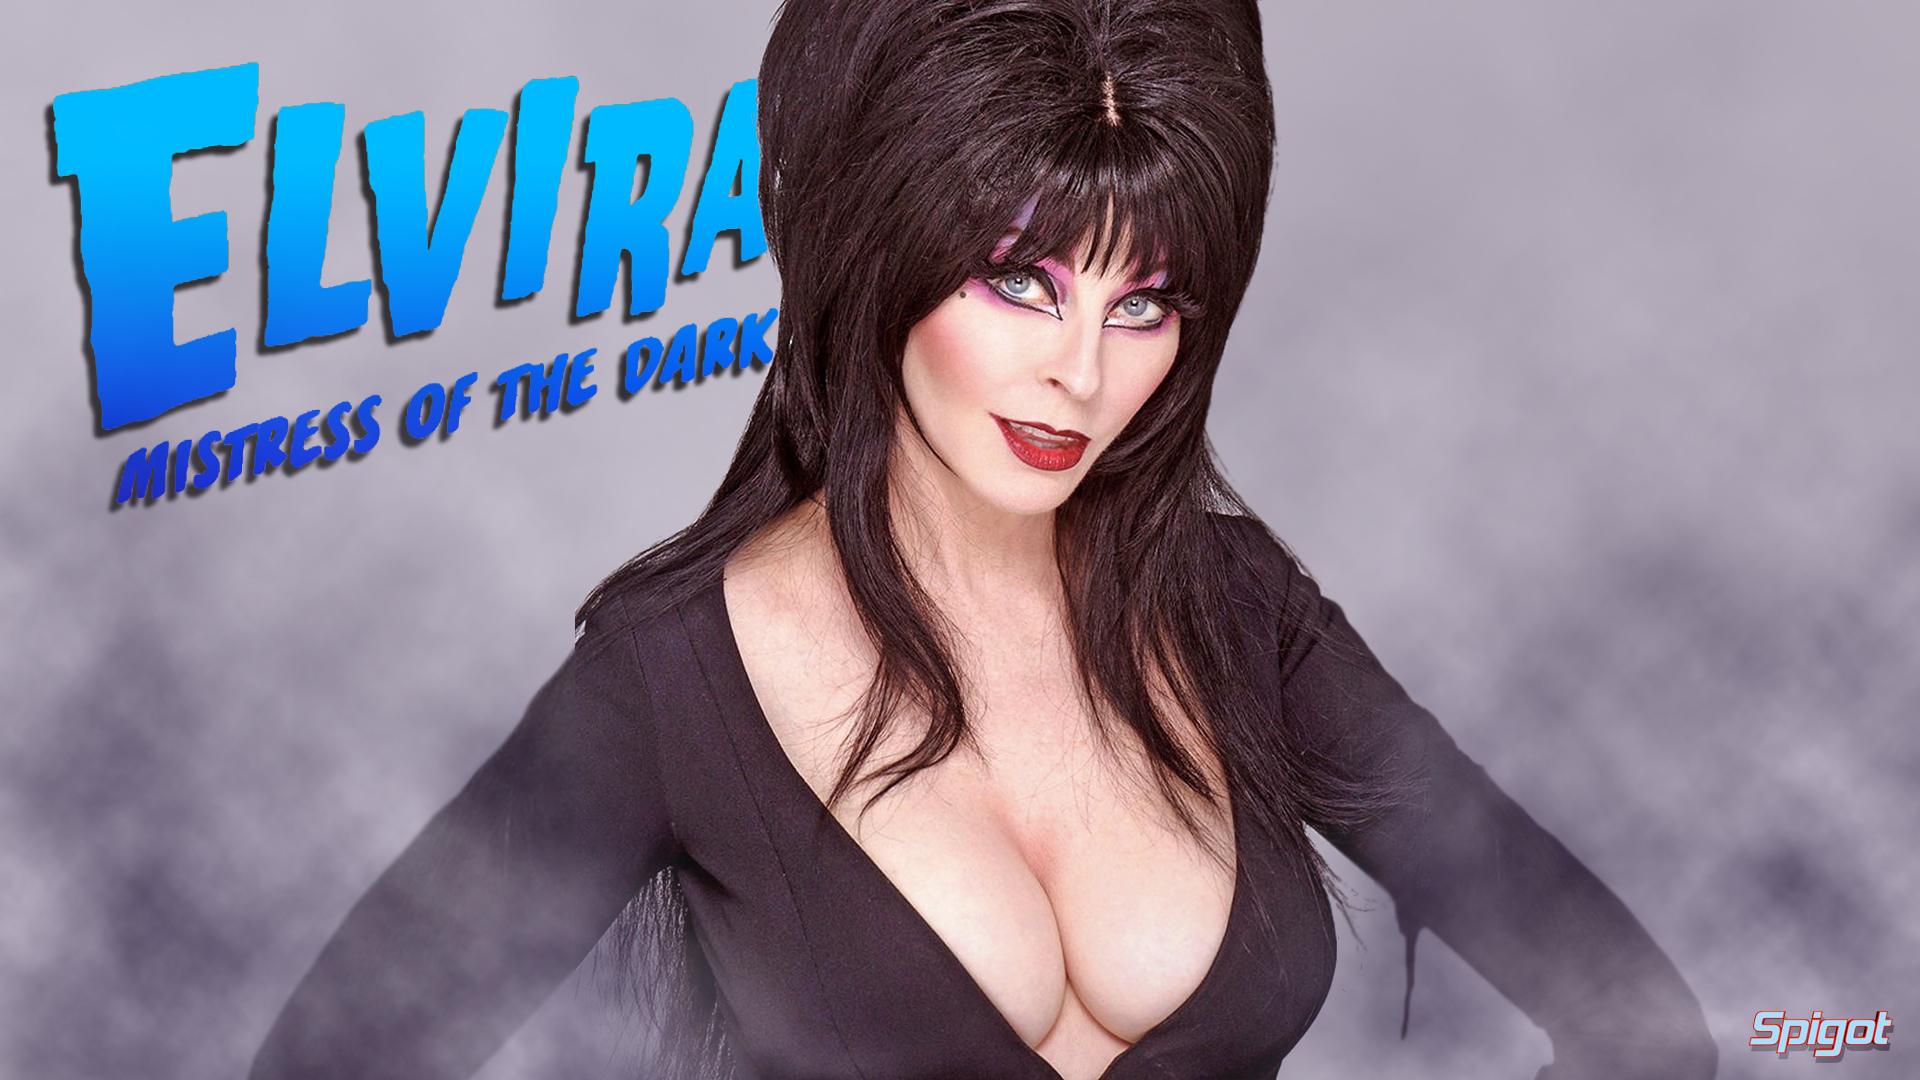 Elvira Wallpaper George Spigot S Blog